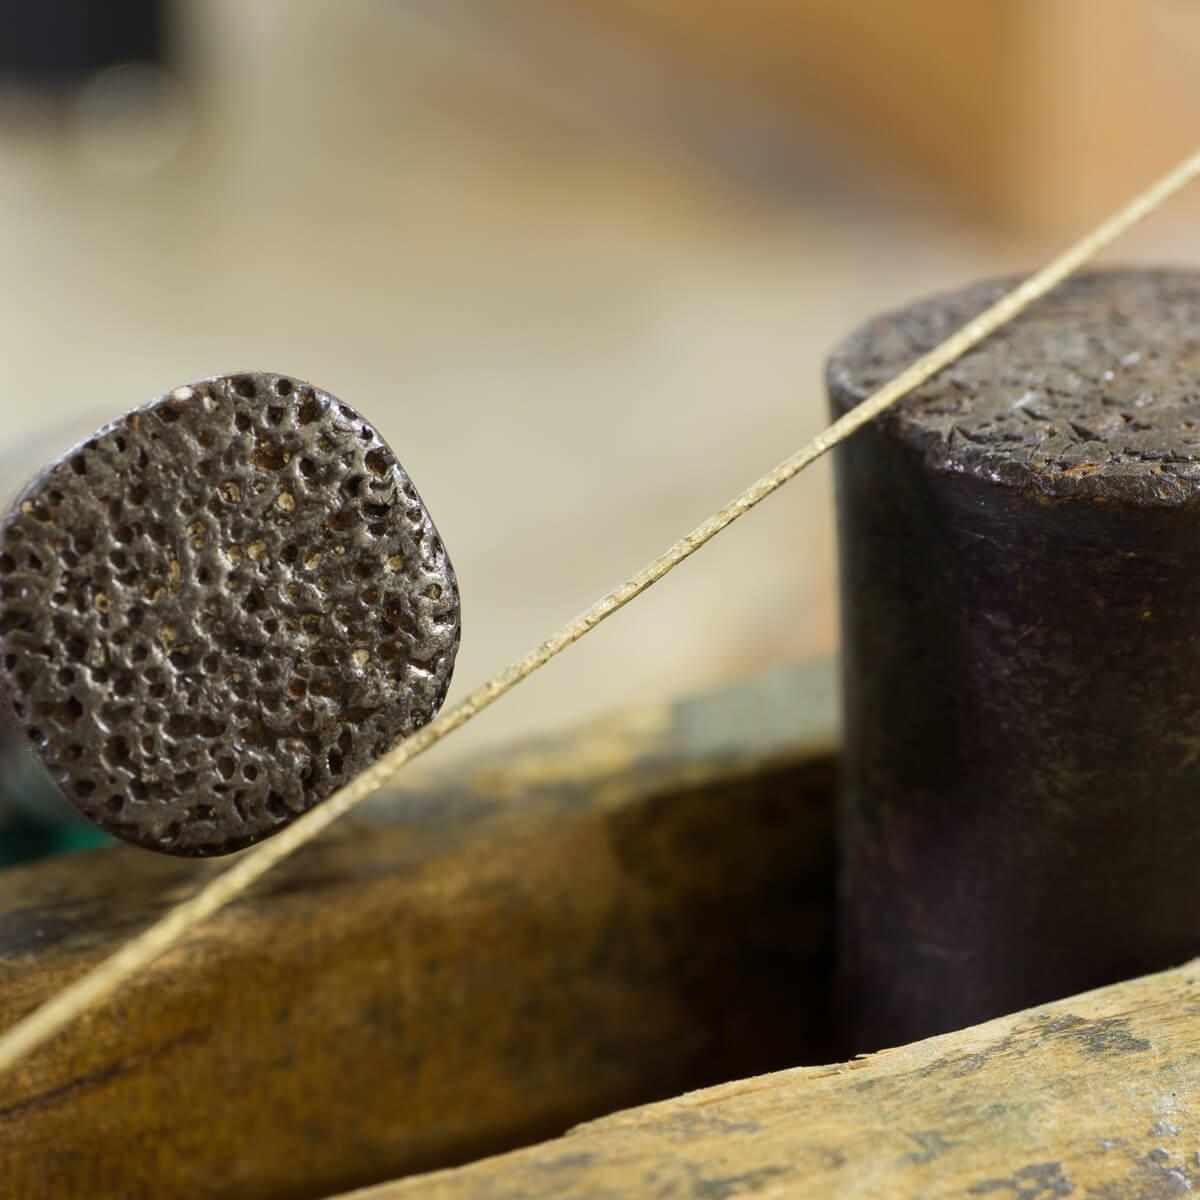 オーダーメイドジュエリーの制作過程 ジュエリーのアトリエ ゴールドの線 屋久島でハンドメイドピアス